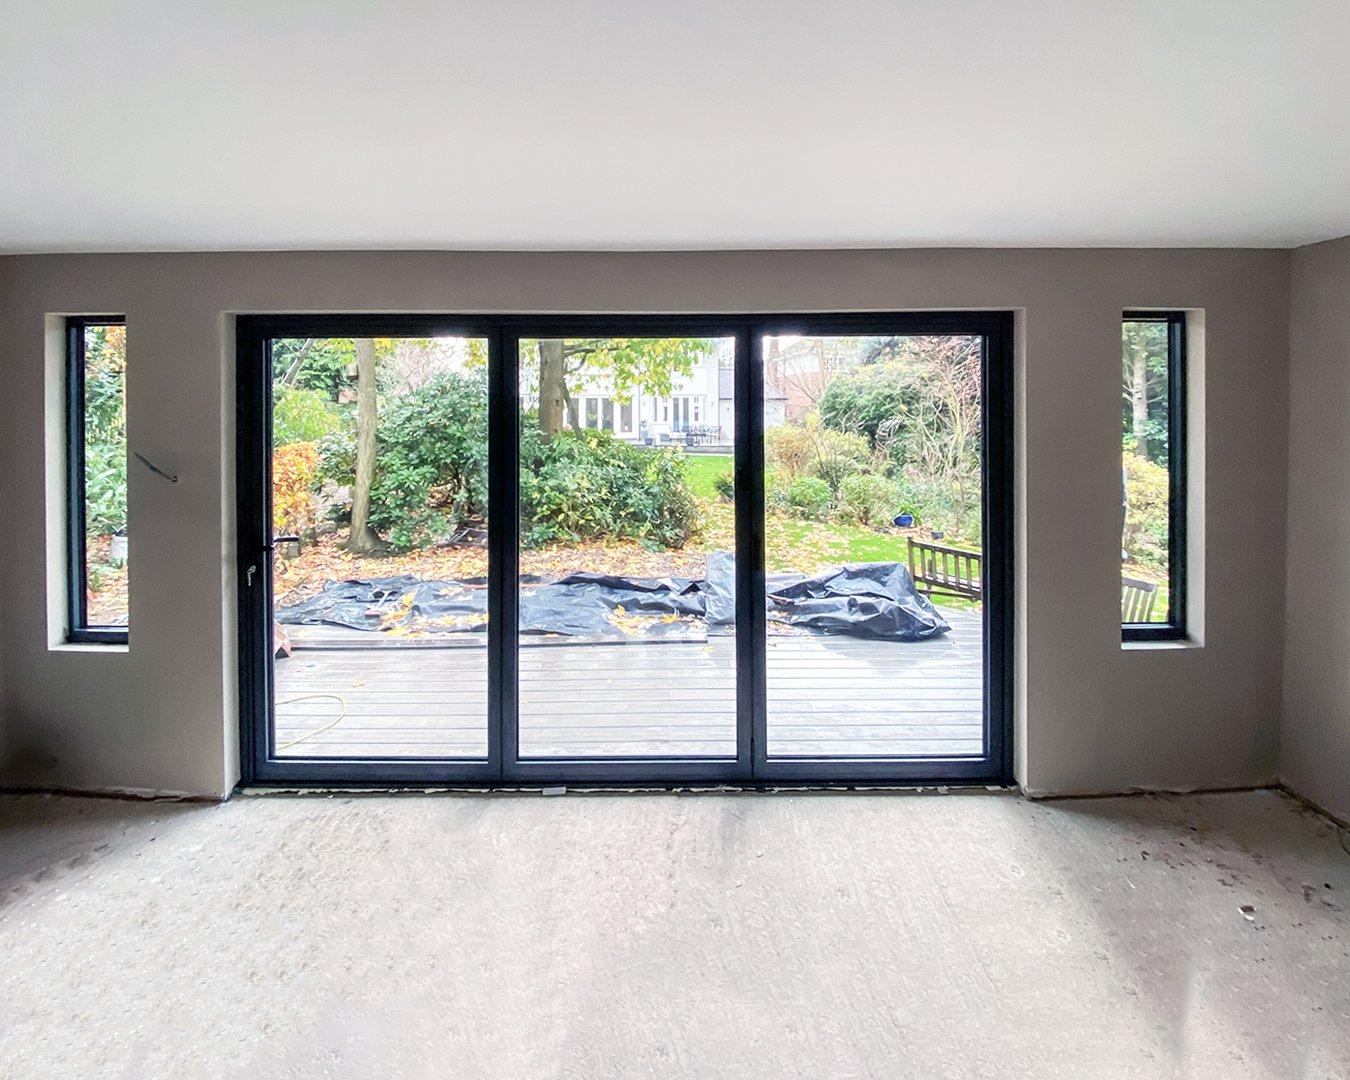 CF72 Bifolding Doors